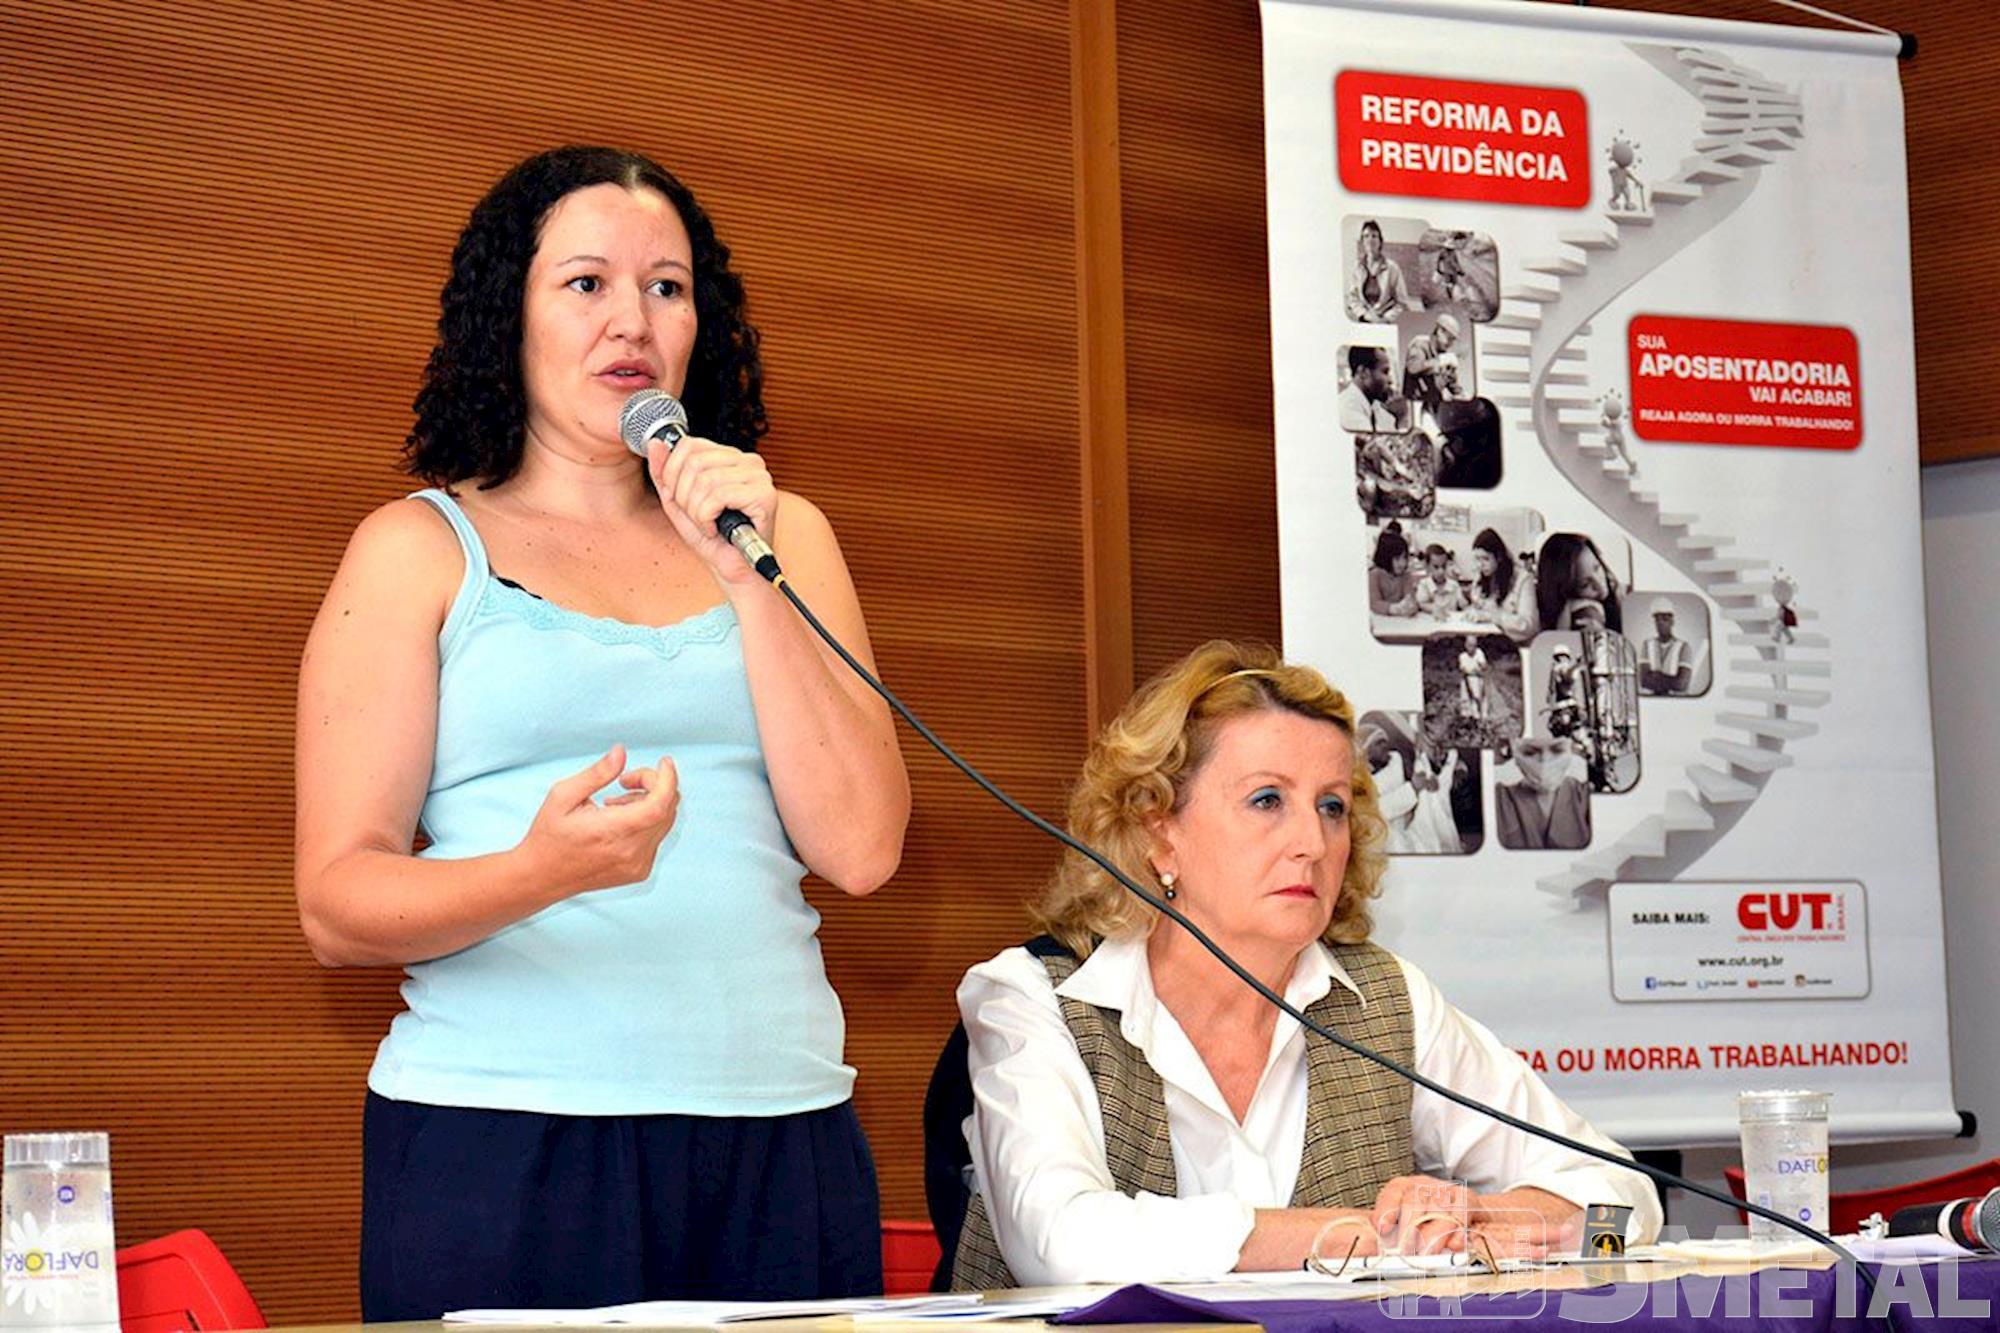 palestre,  reforma,  dieese,  adriana,  cut, Foguinho/Imprensa SMetal, Se reforma passar,  47% das mulheres não conseguirão de aposentar